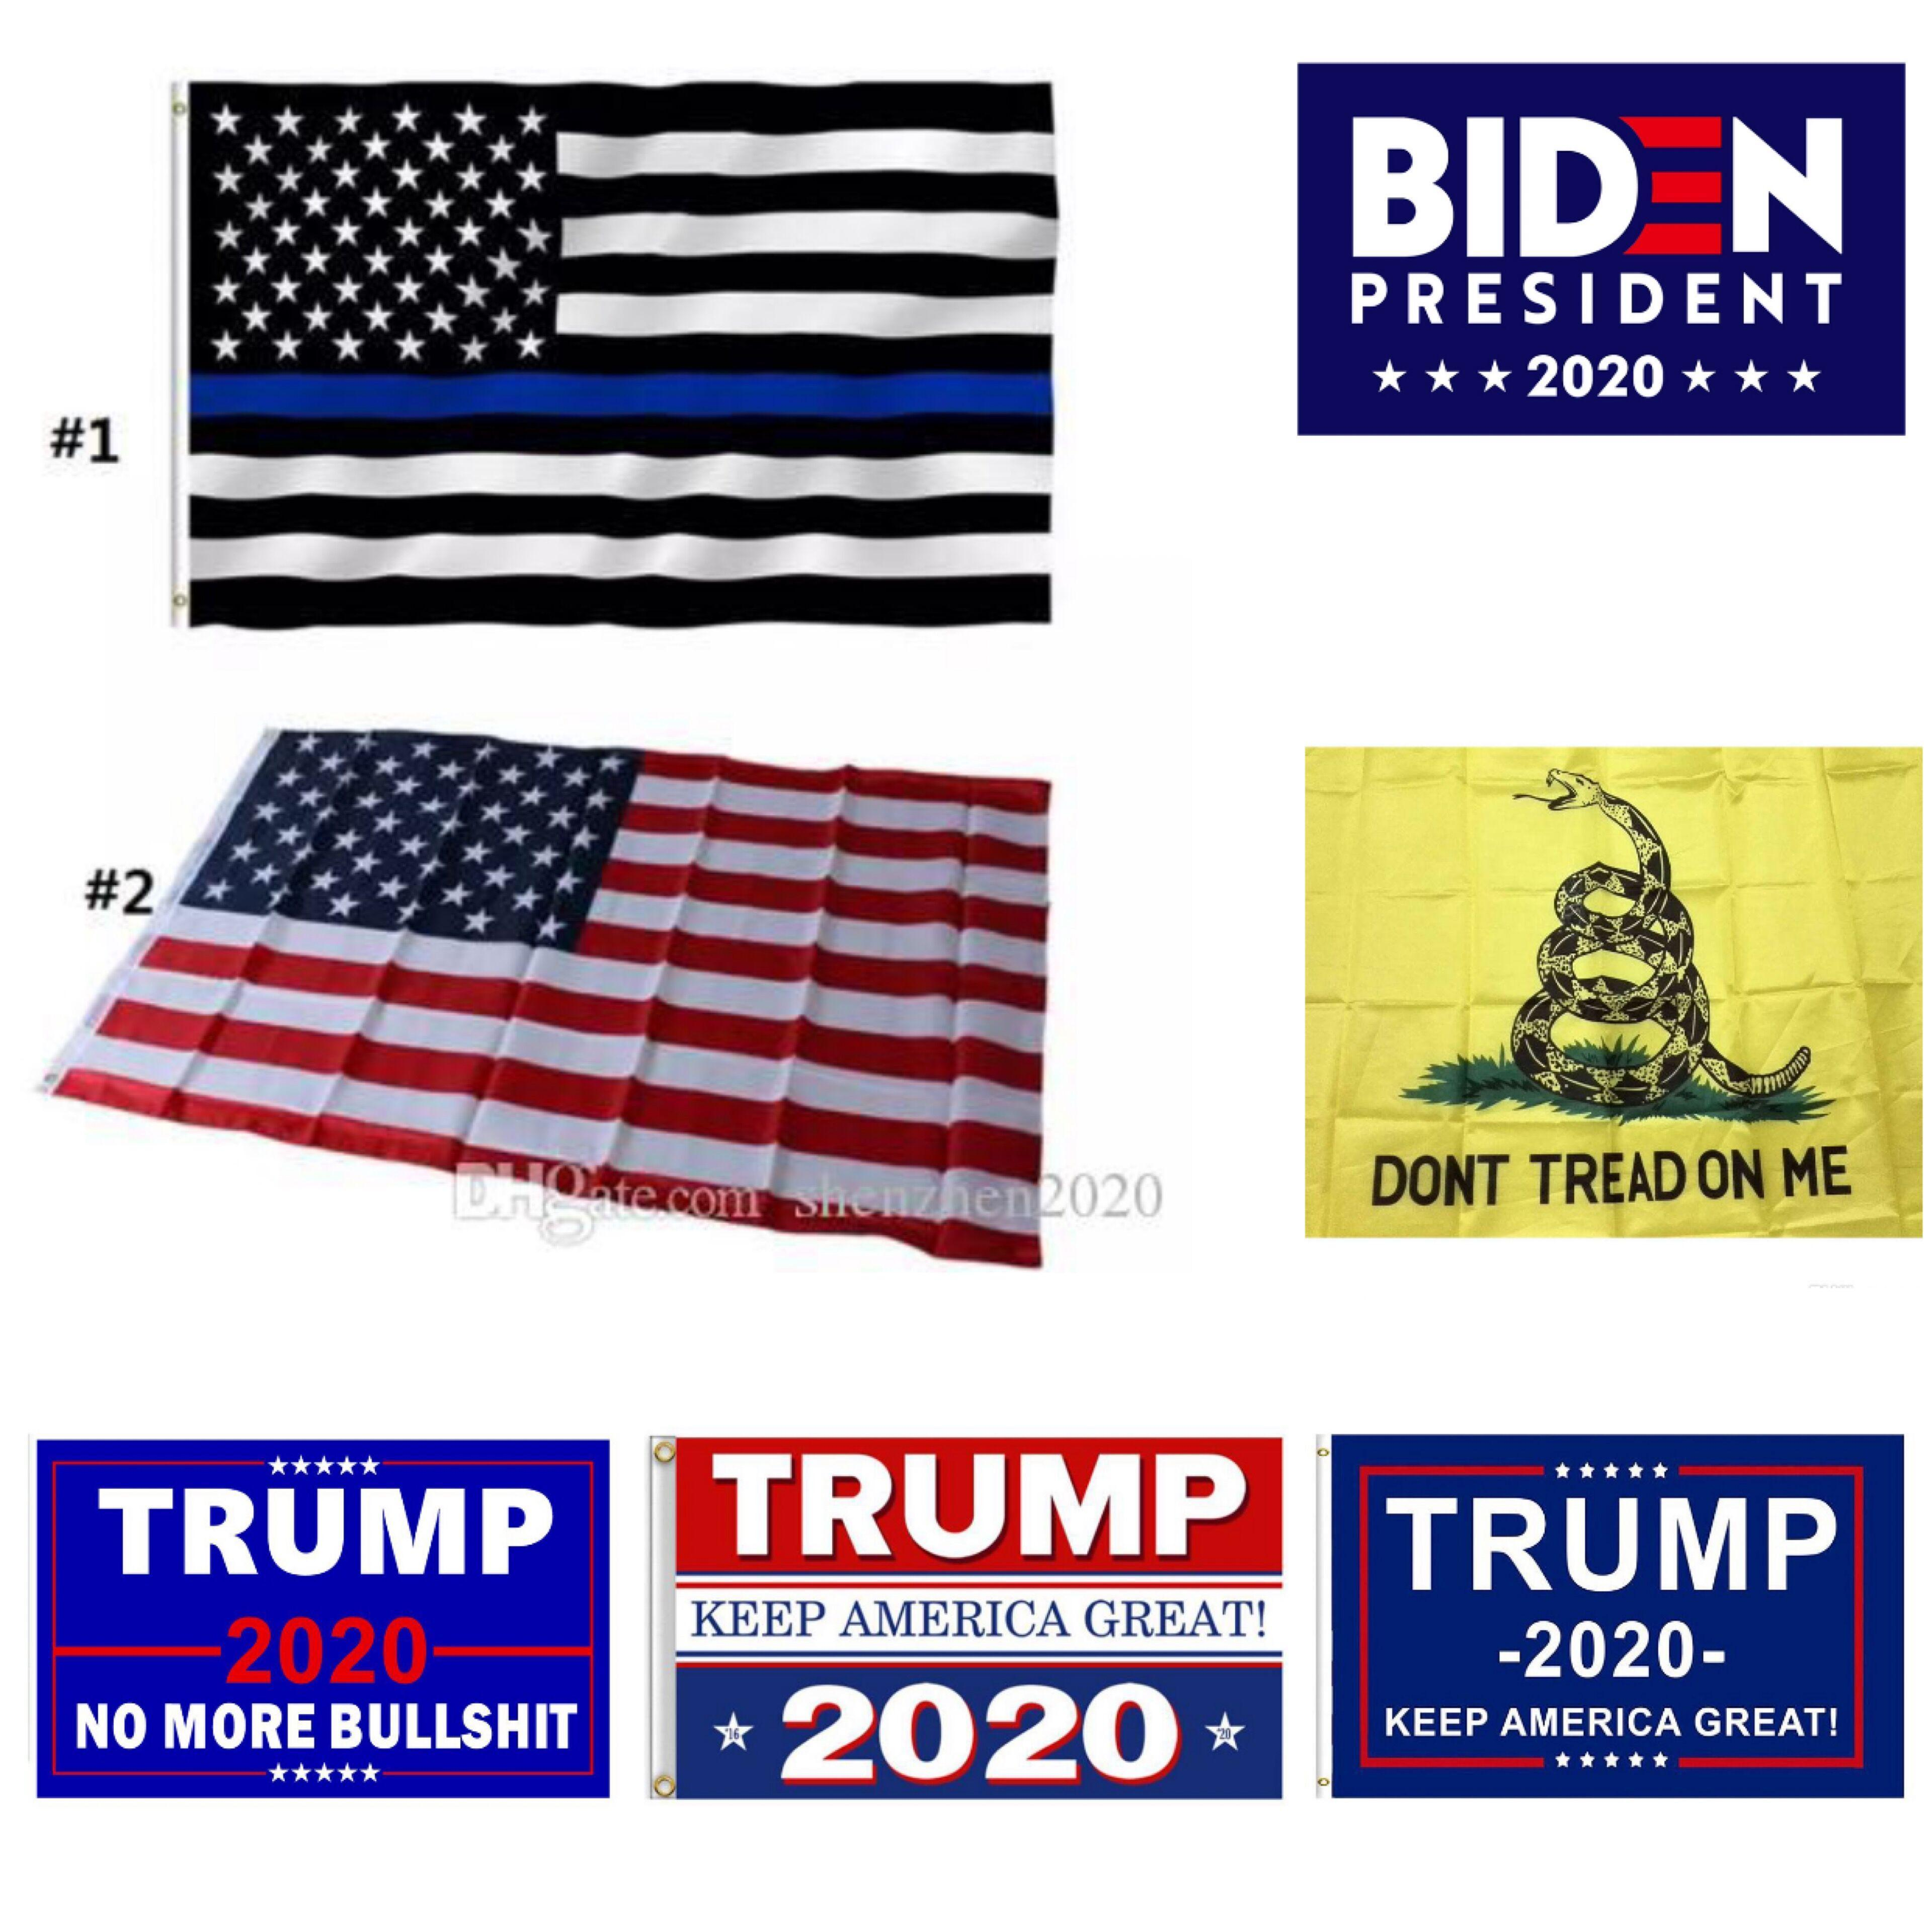 Bandeira Donald Trump Linha bandeira presidencial Usa 3x5 Pé americano Us 90 * 150cm azuis Polícia Bandeiras da campanha Biden Bandeira bde_luck WizOA